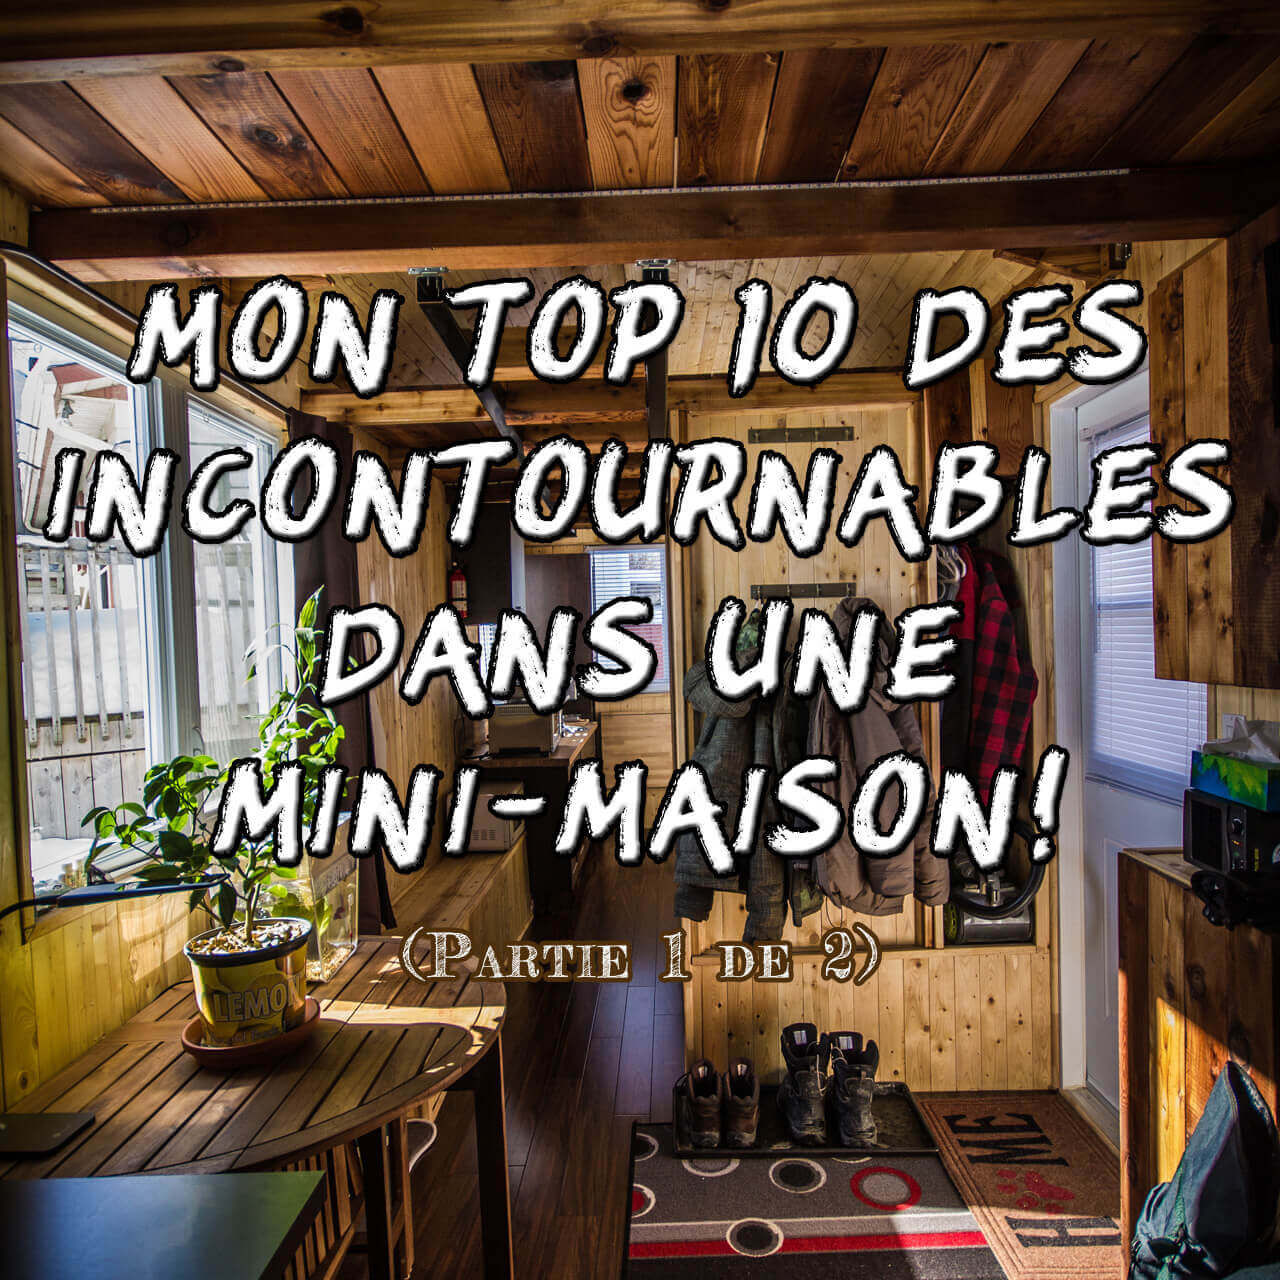 Mon top 10 des incontournables dans une mini-maison! (article 1 de 2)